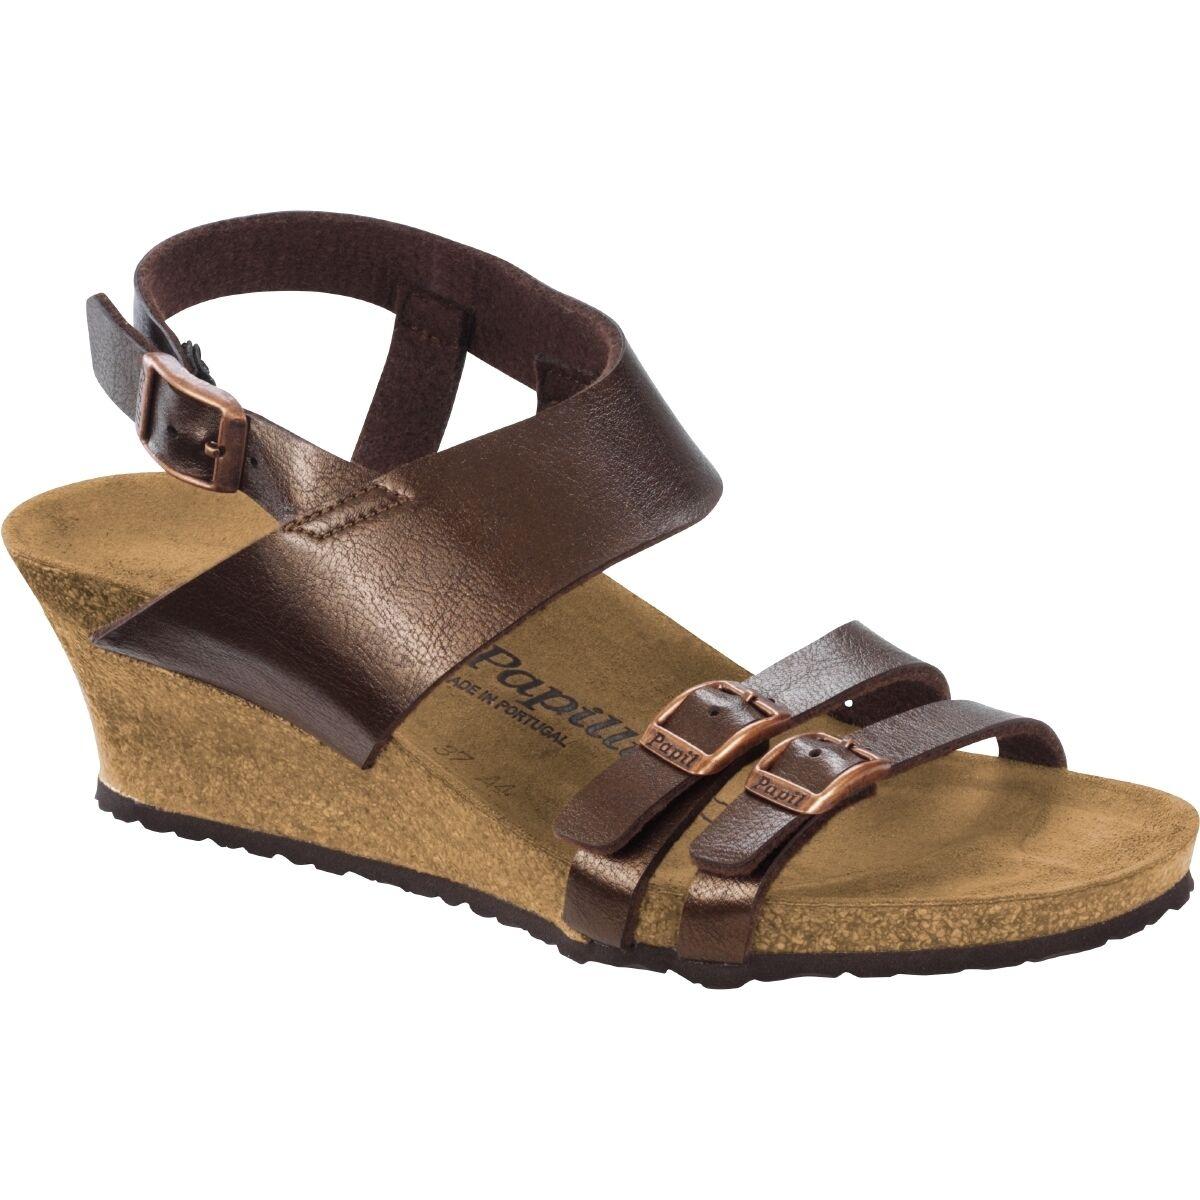 Birkenstock Papillio Ellen Birko-flor zapatos cuña sandalia ancho 1005067 estrecho